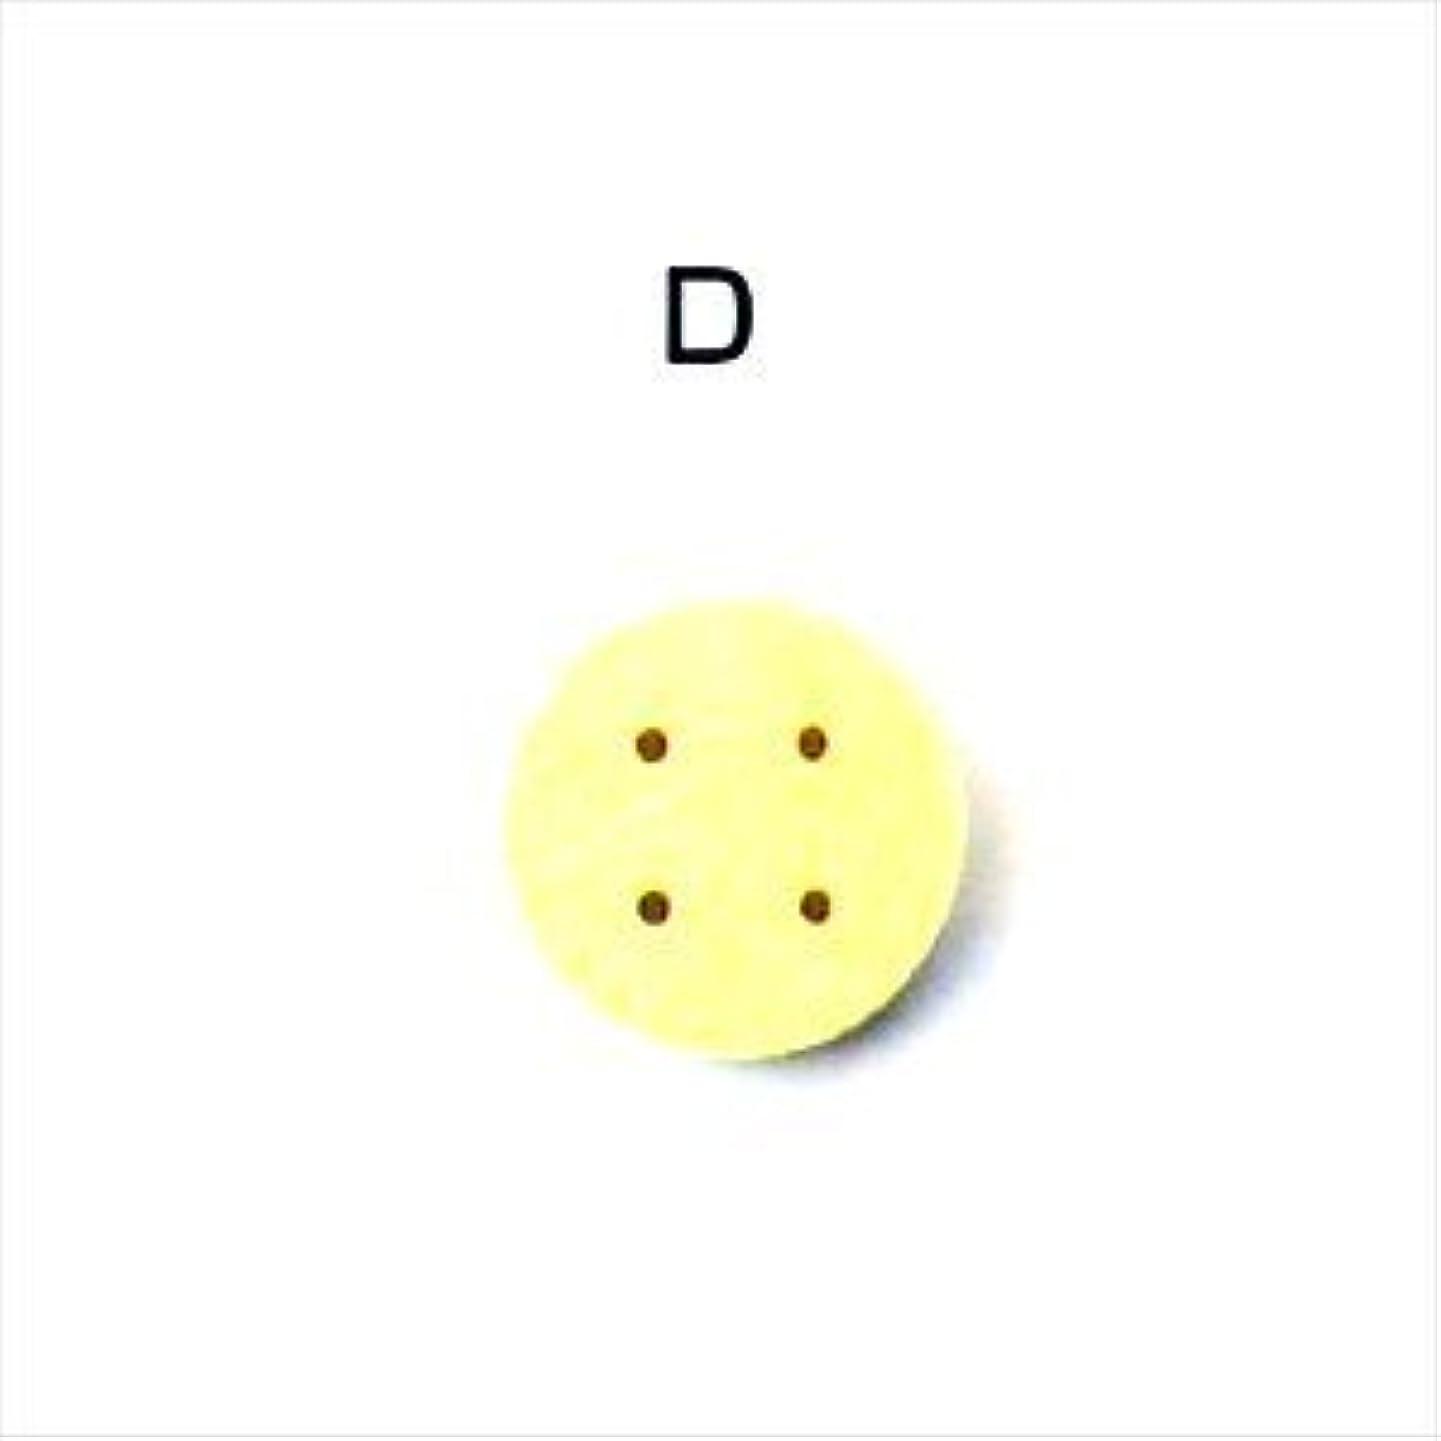 ノイズ勧める愛情【メディカルブック】1.丸型 R-D スポンジ 4個入(SE-451D) - 干渉波?吸引用